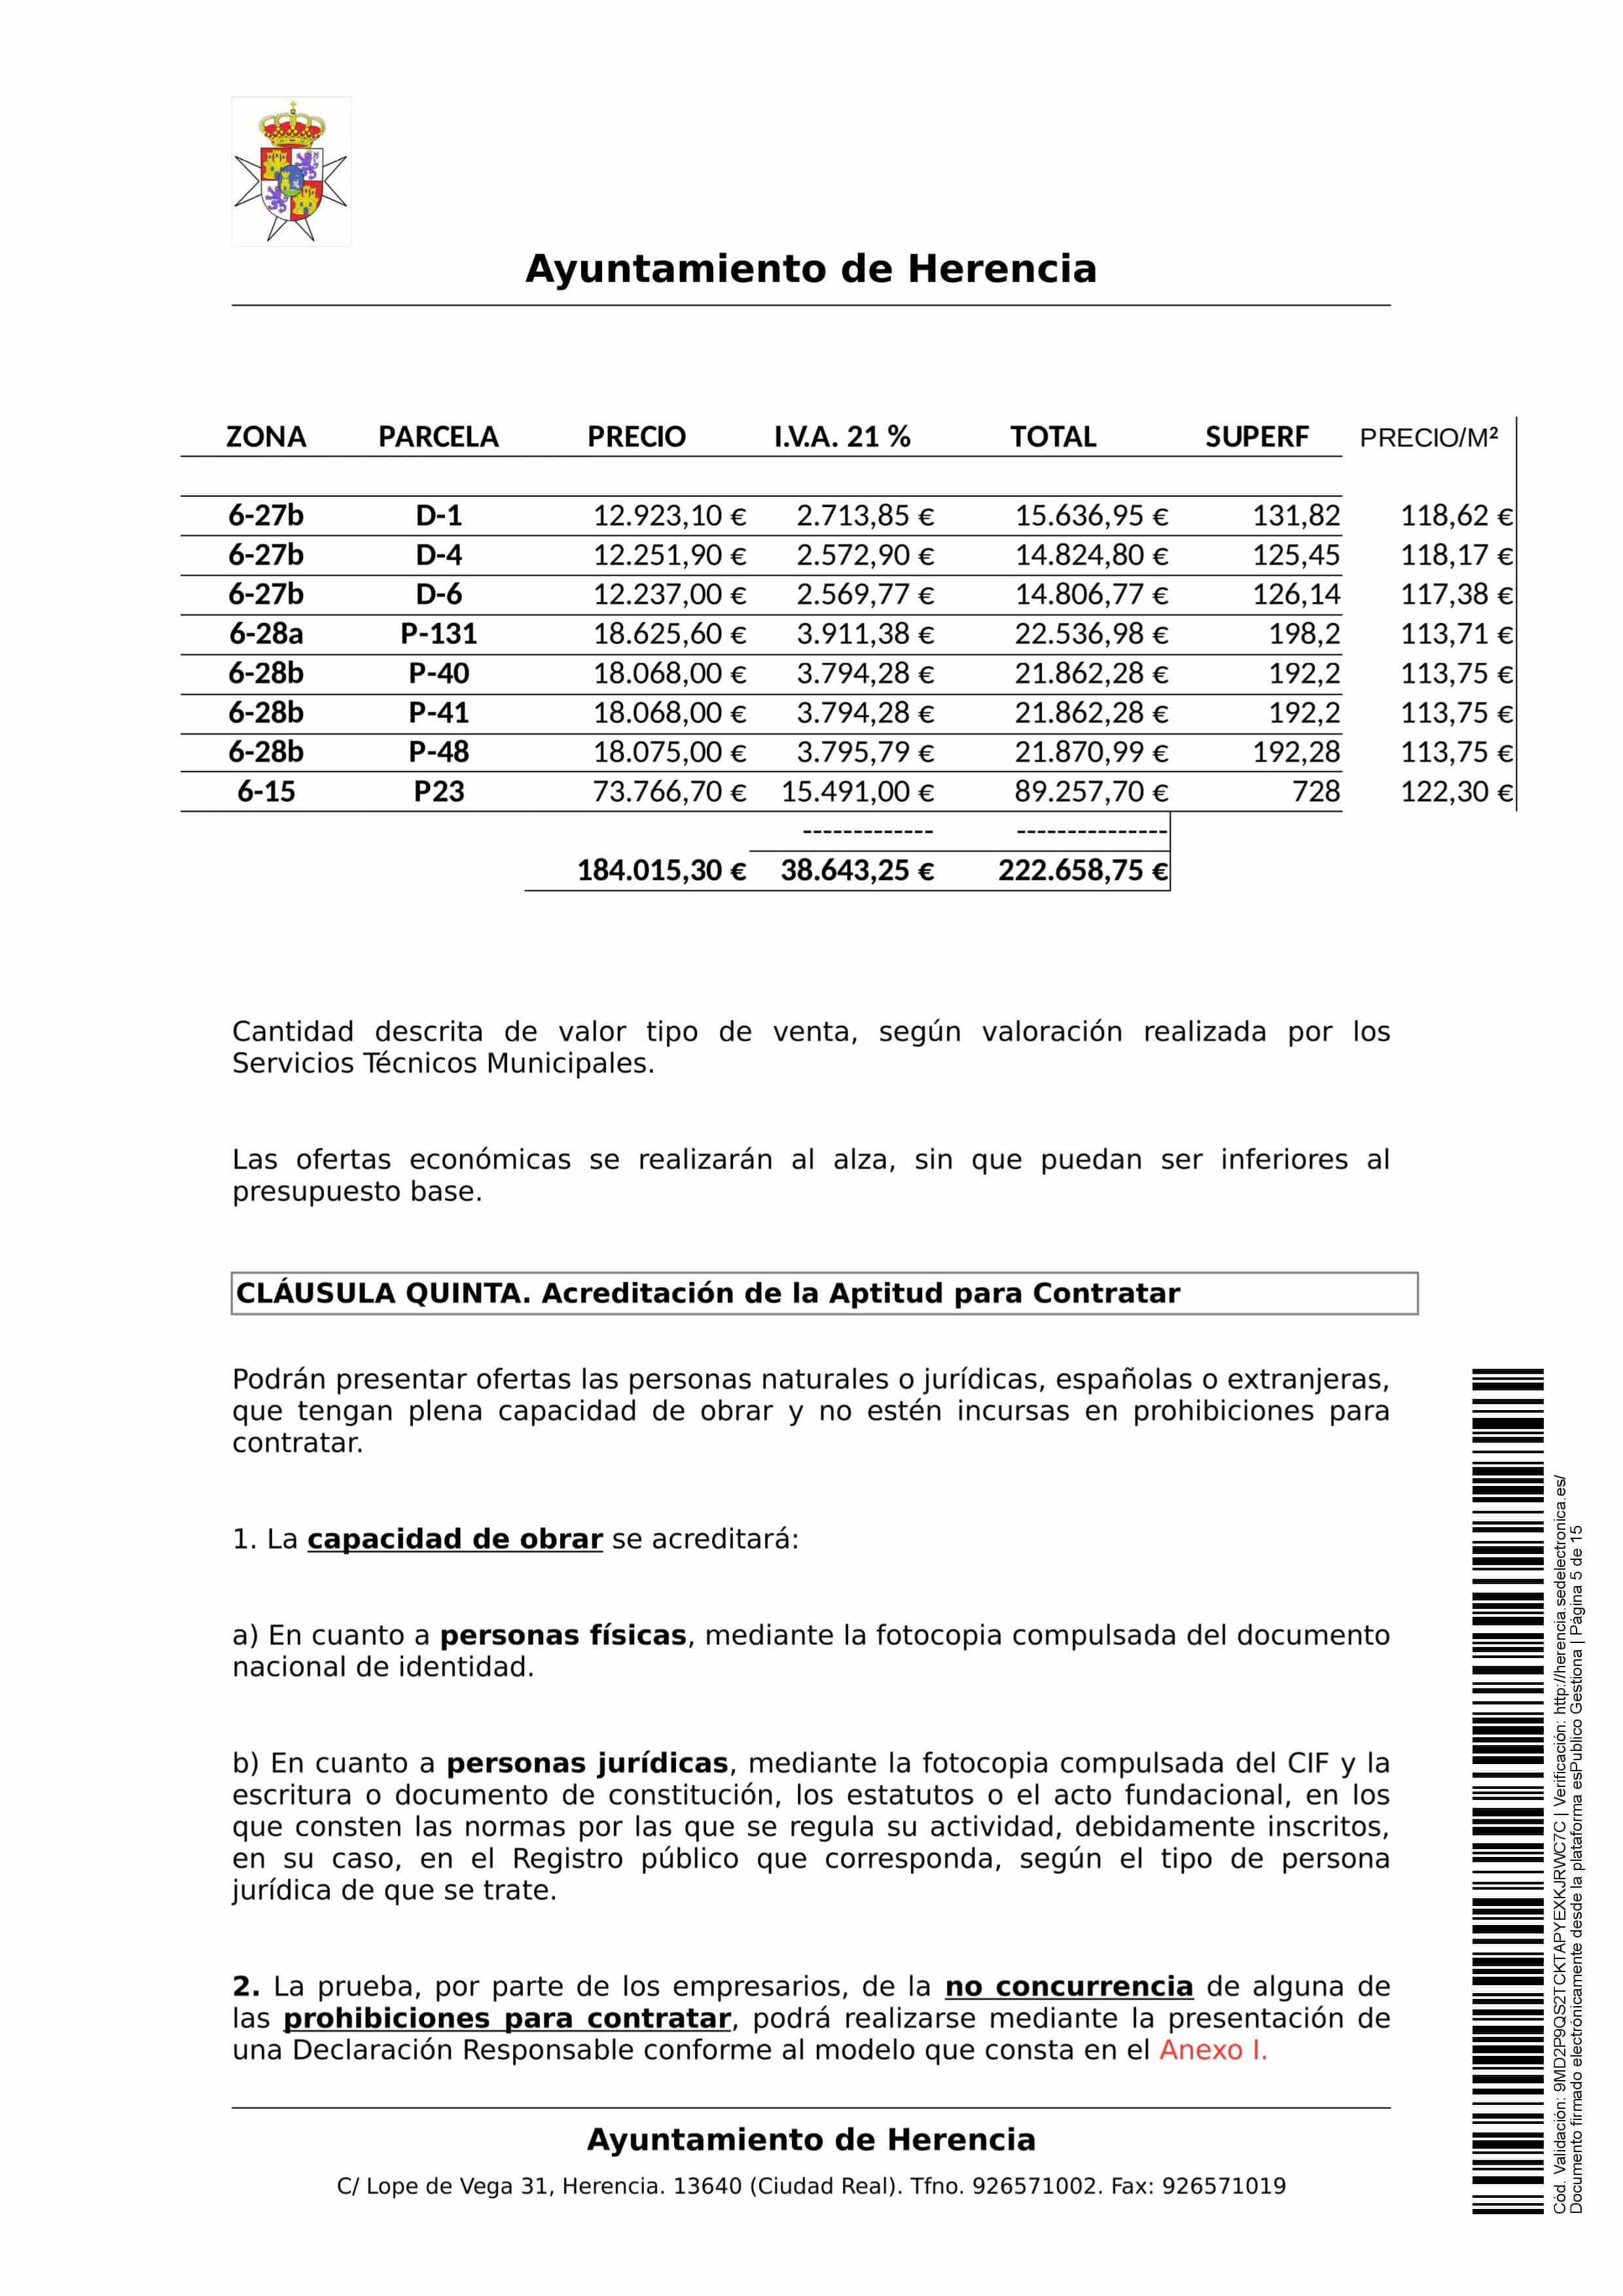 Herencia pone 8 parcelas residenciales a subasta para obtener más ingresos 35